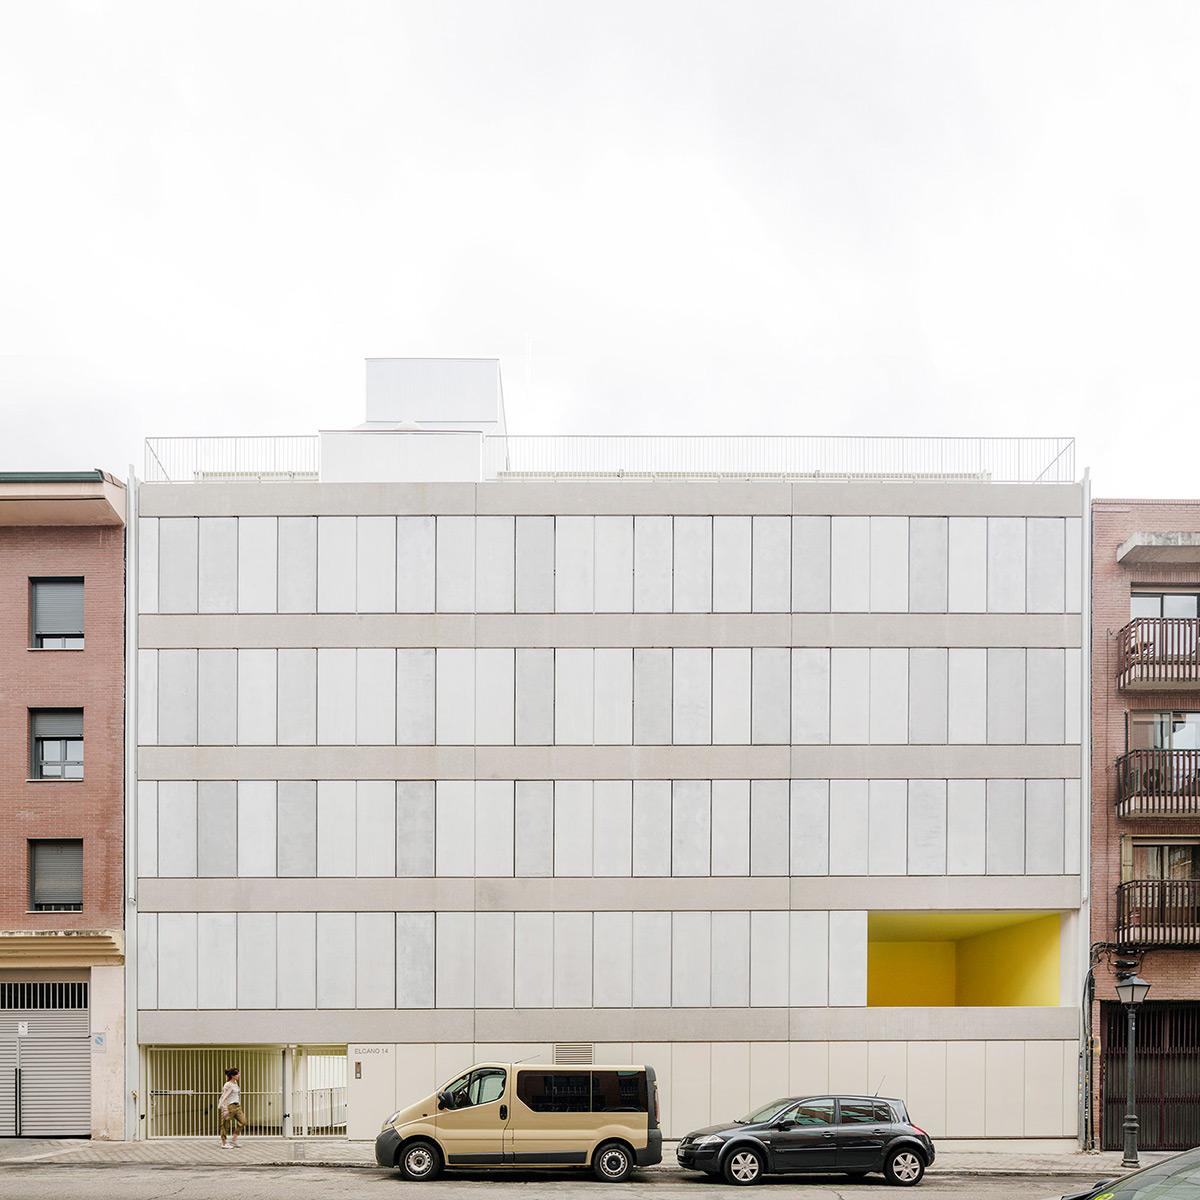 Elcano-FRPO-Rodriguez-Oriol-Arquitectos-Imagen-Subliminal-01